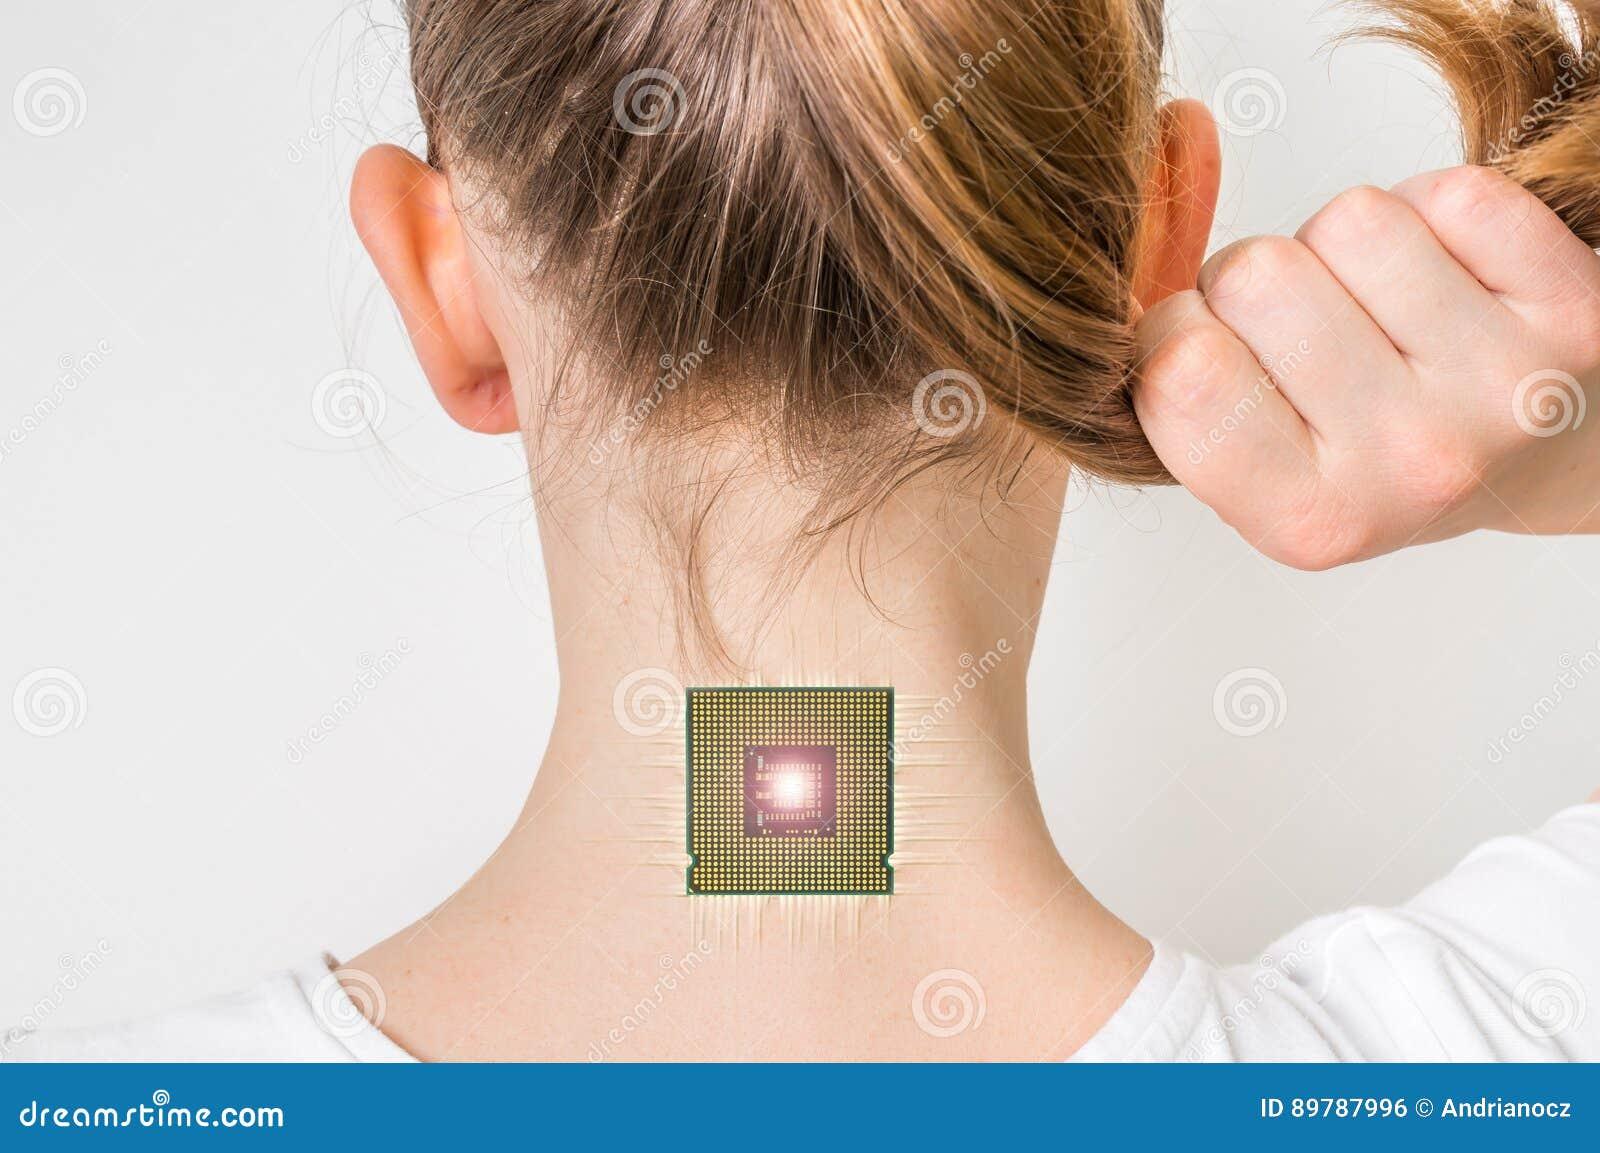 Bionischer Mikrochip Innerhalb Des Menschlichen Körpers ...